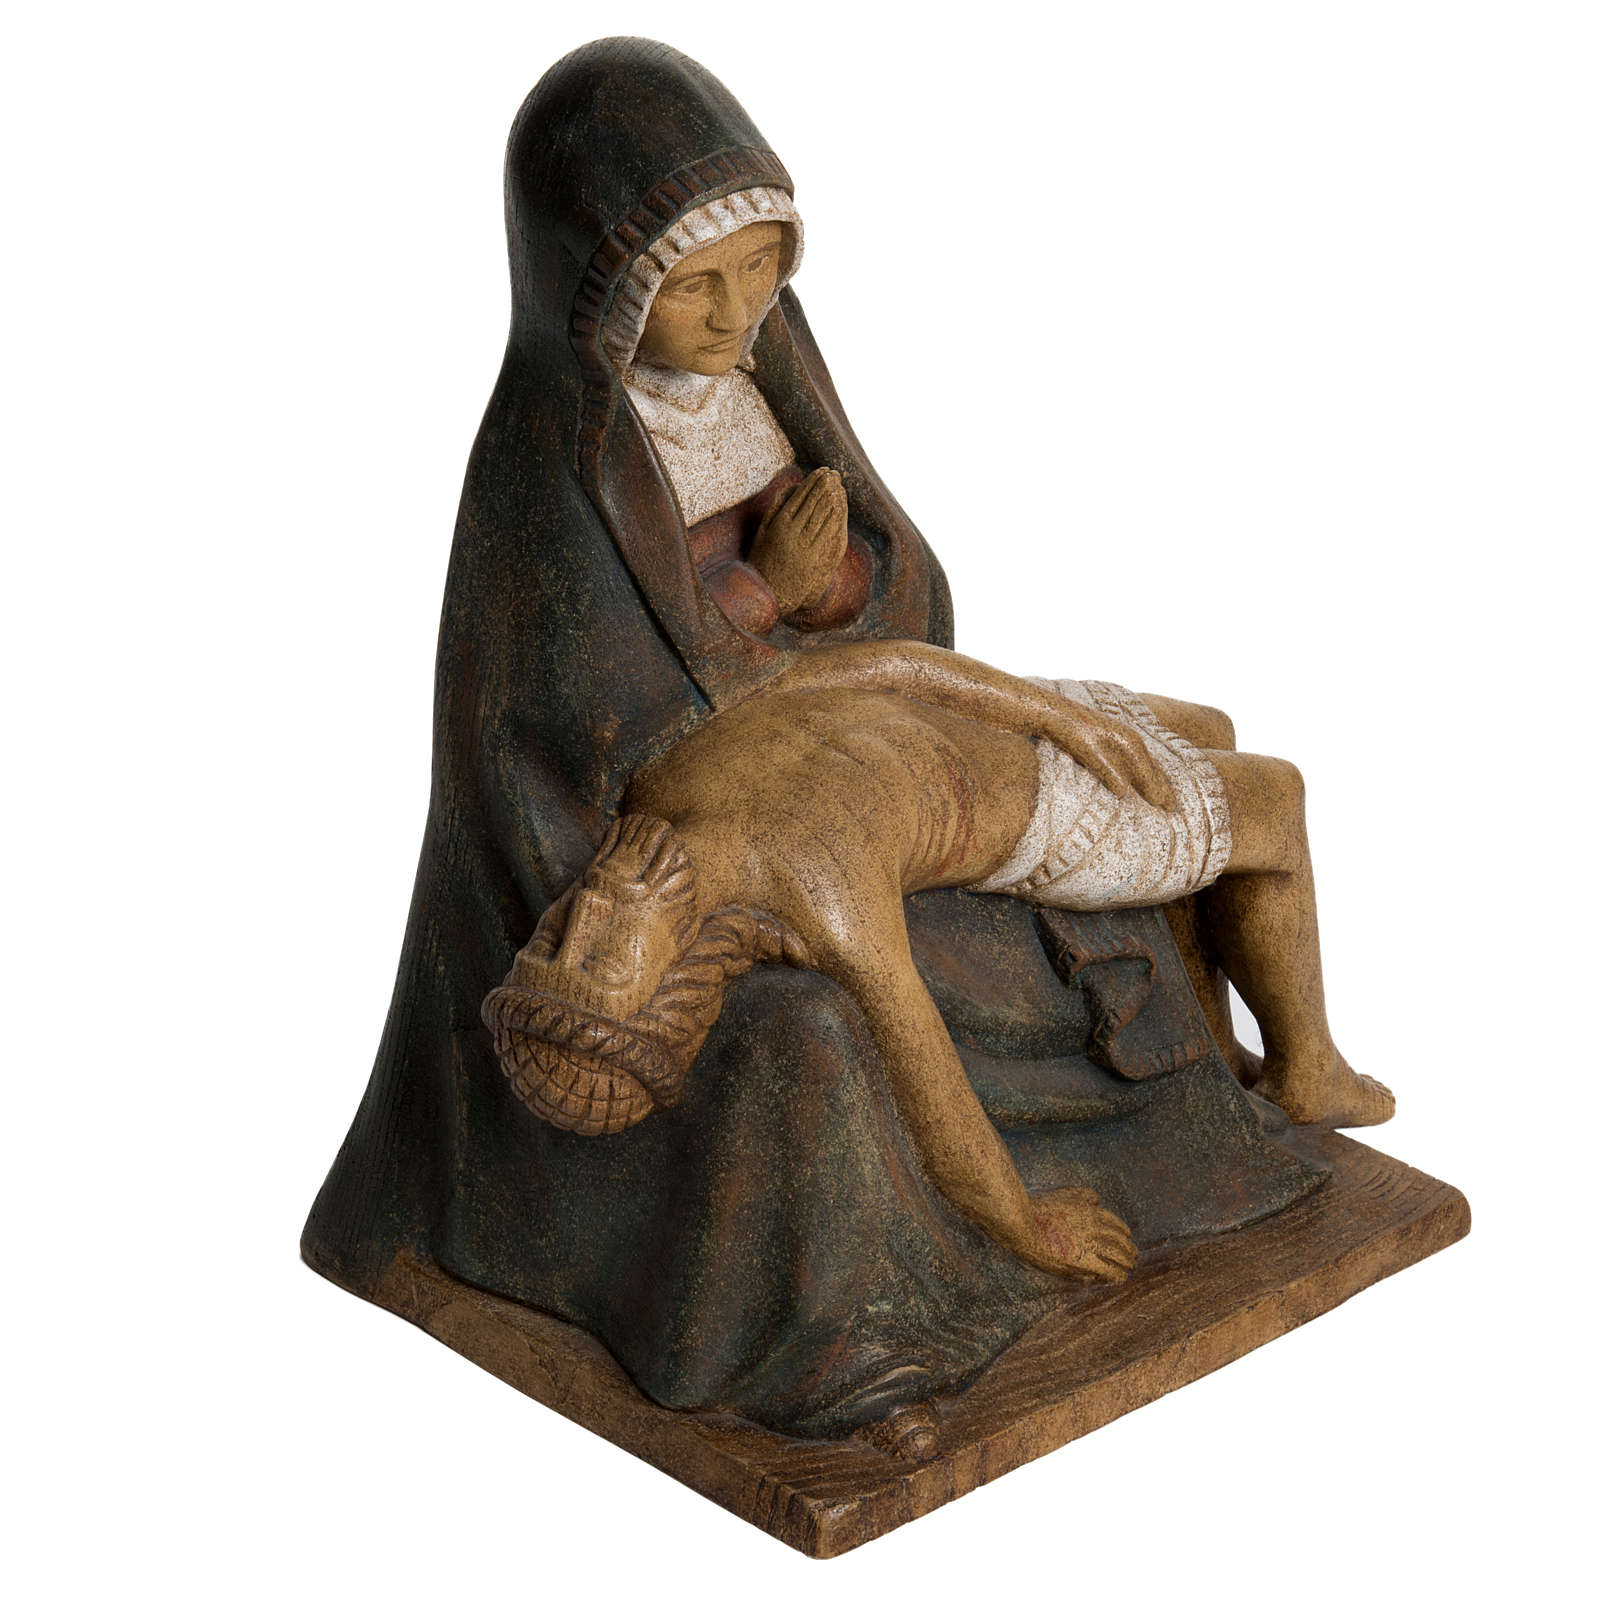 Pietà Bethléem, statue in painted wood, 30 cm 4